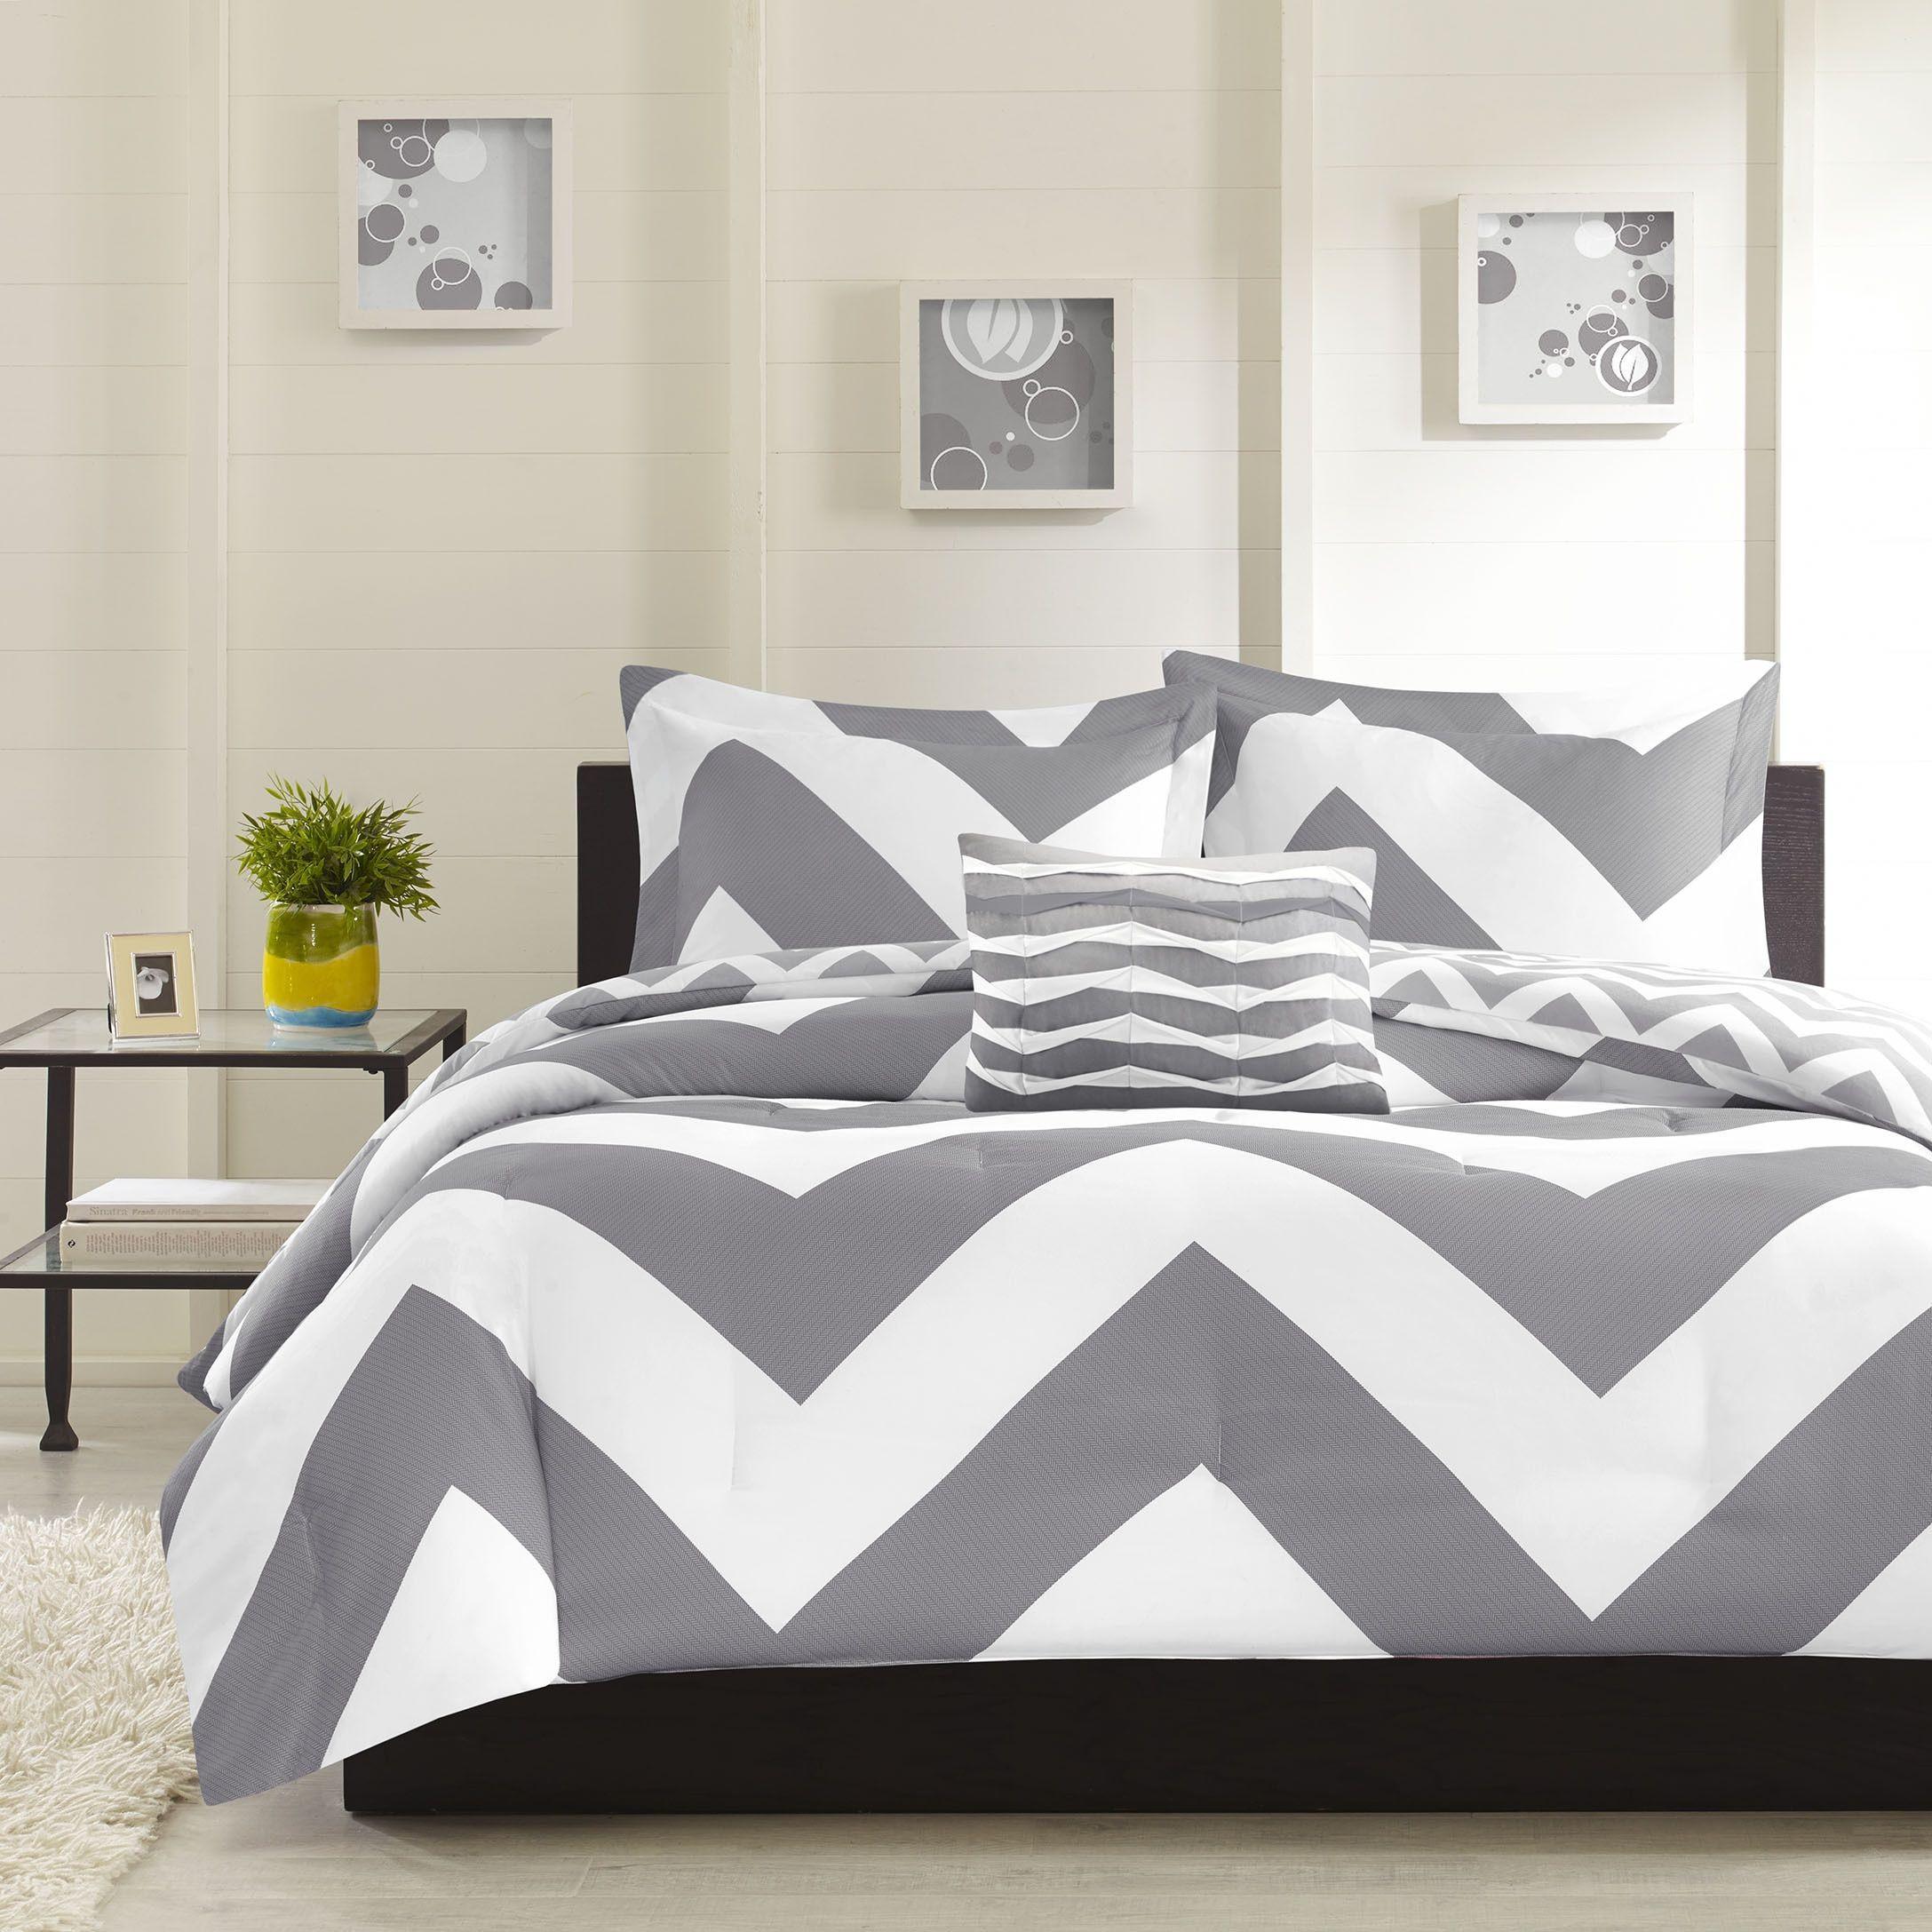 Teen forter Bedding Bedroom ideas Pinterest